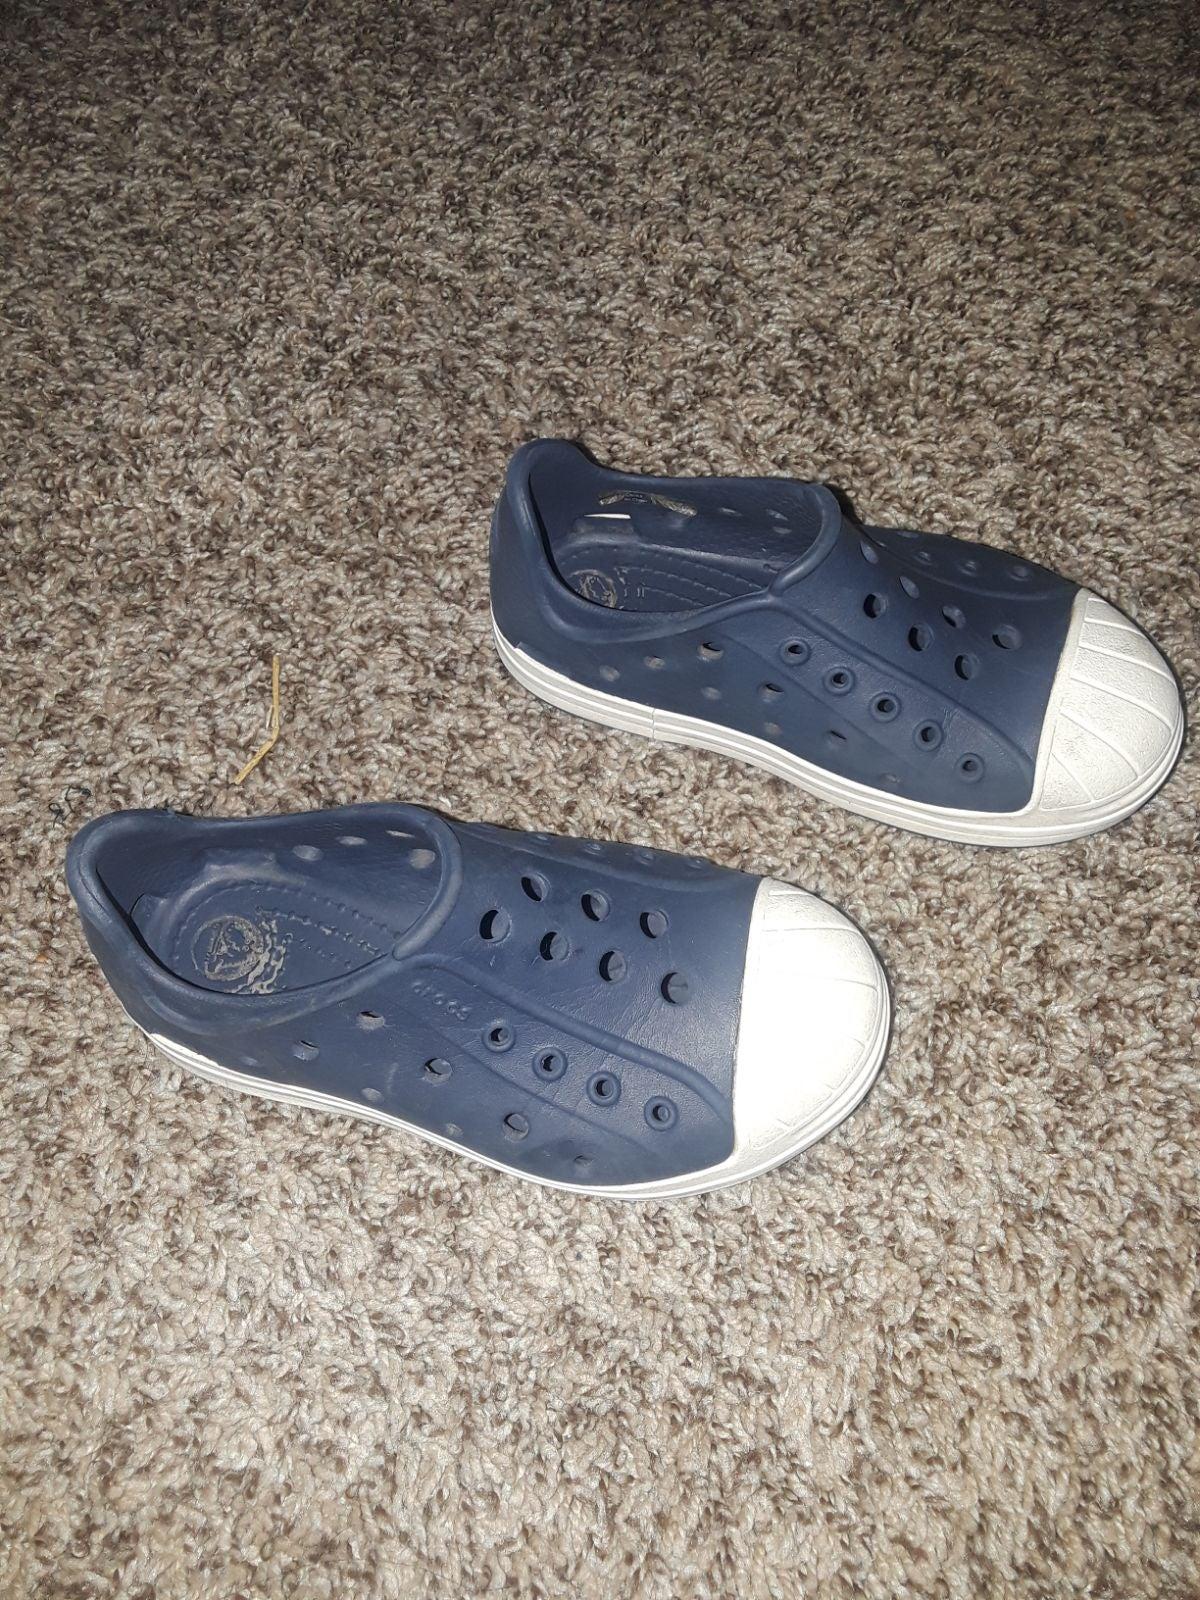 Waterproof Slip On Shoes